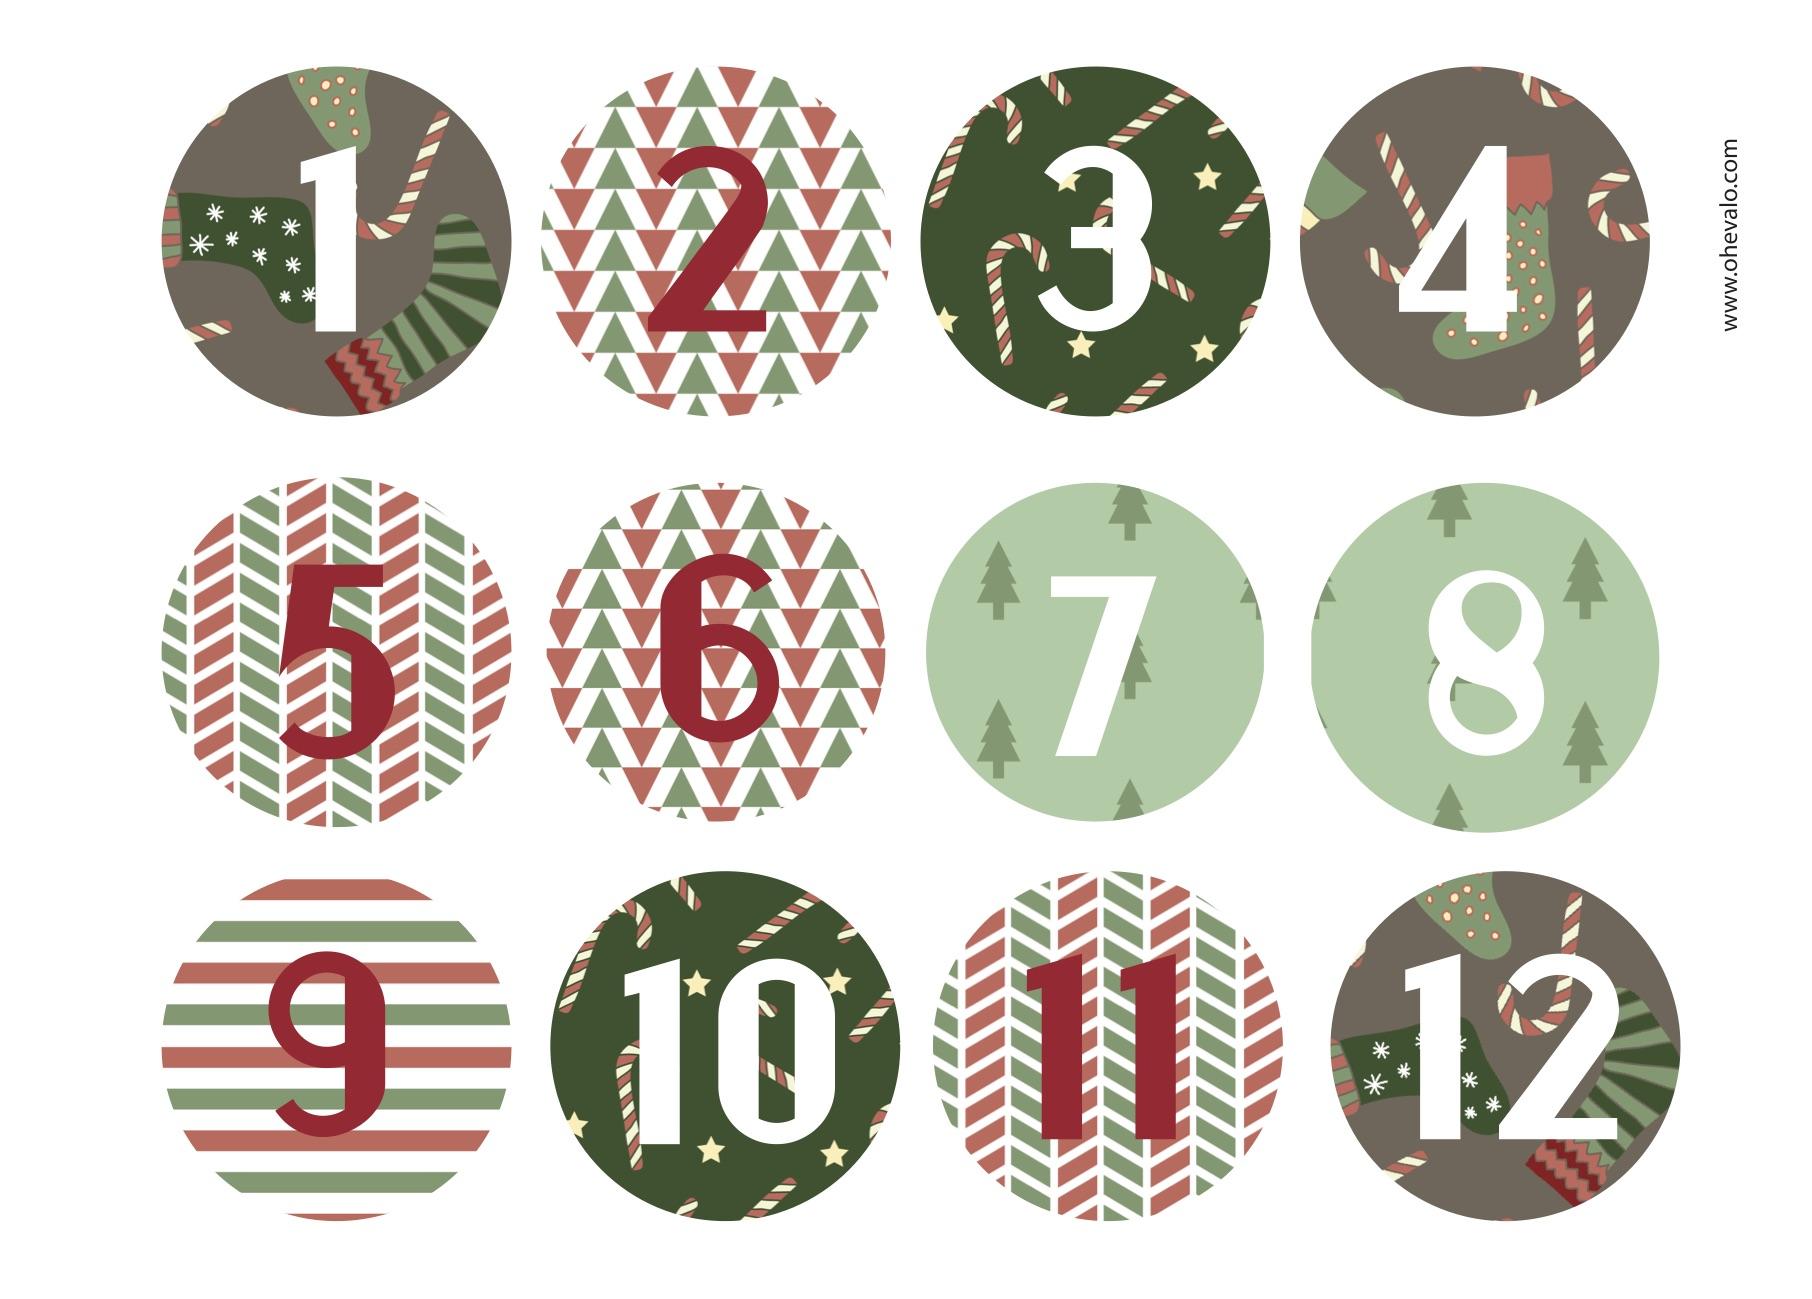 Calendario de adviento planta un rbol - Que poner en un calendario de adviento ...